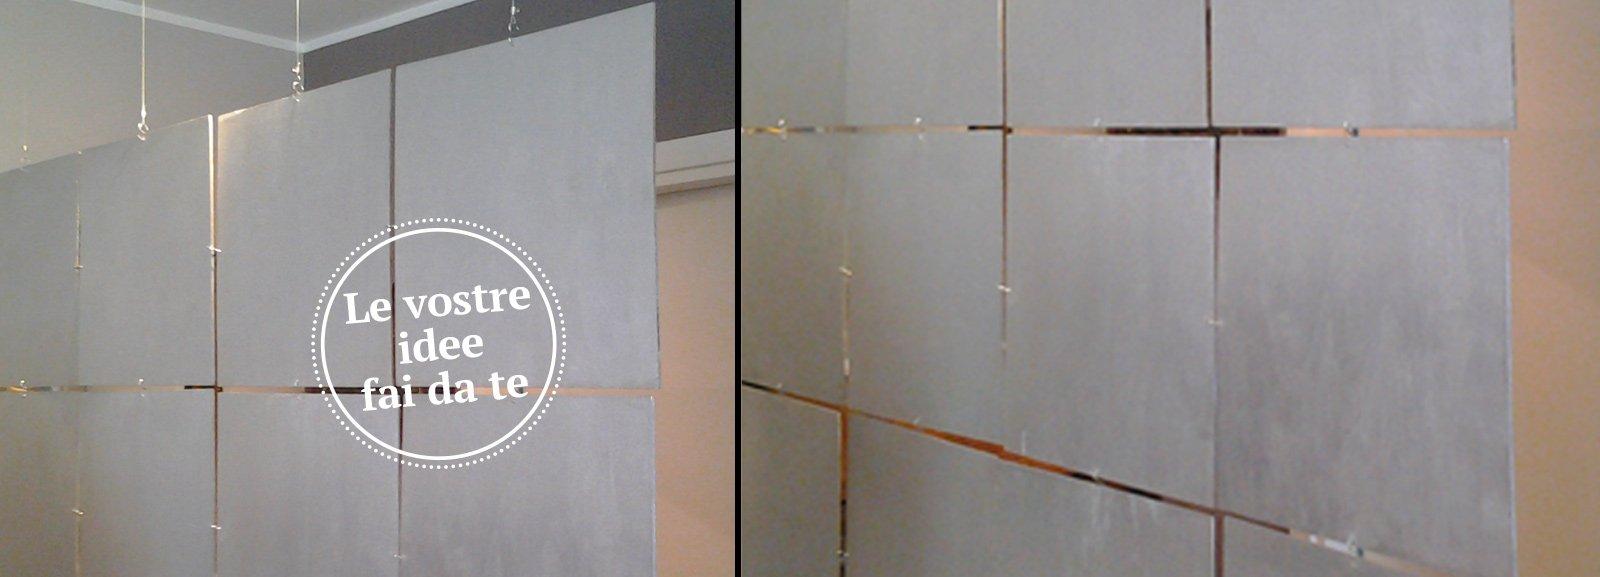 Separare l 39 ingresso con una soluzione low cost mobile e d 39 effetto cose di casa - Oggettistica casa low cost ...